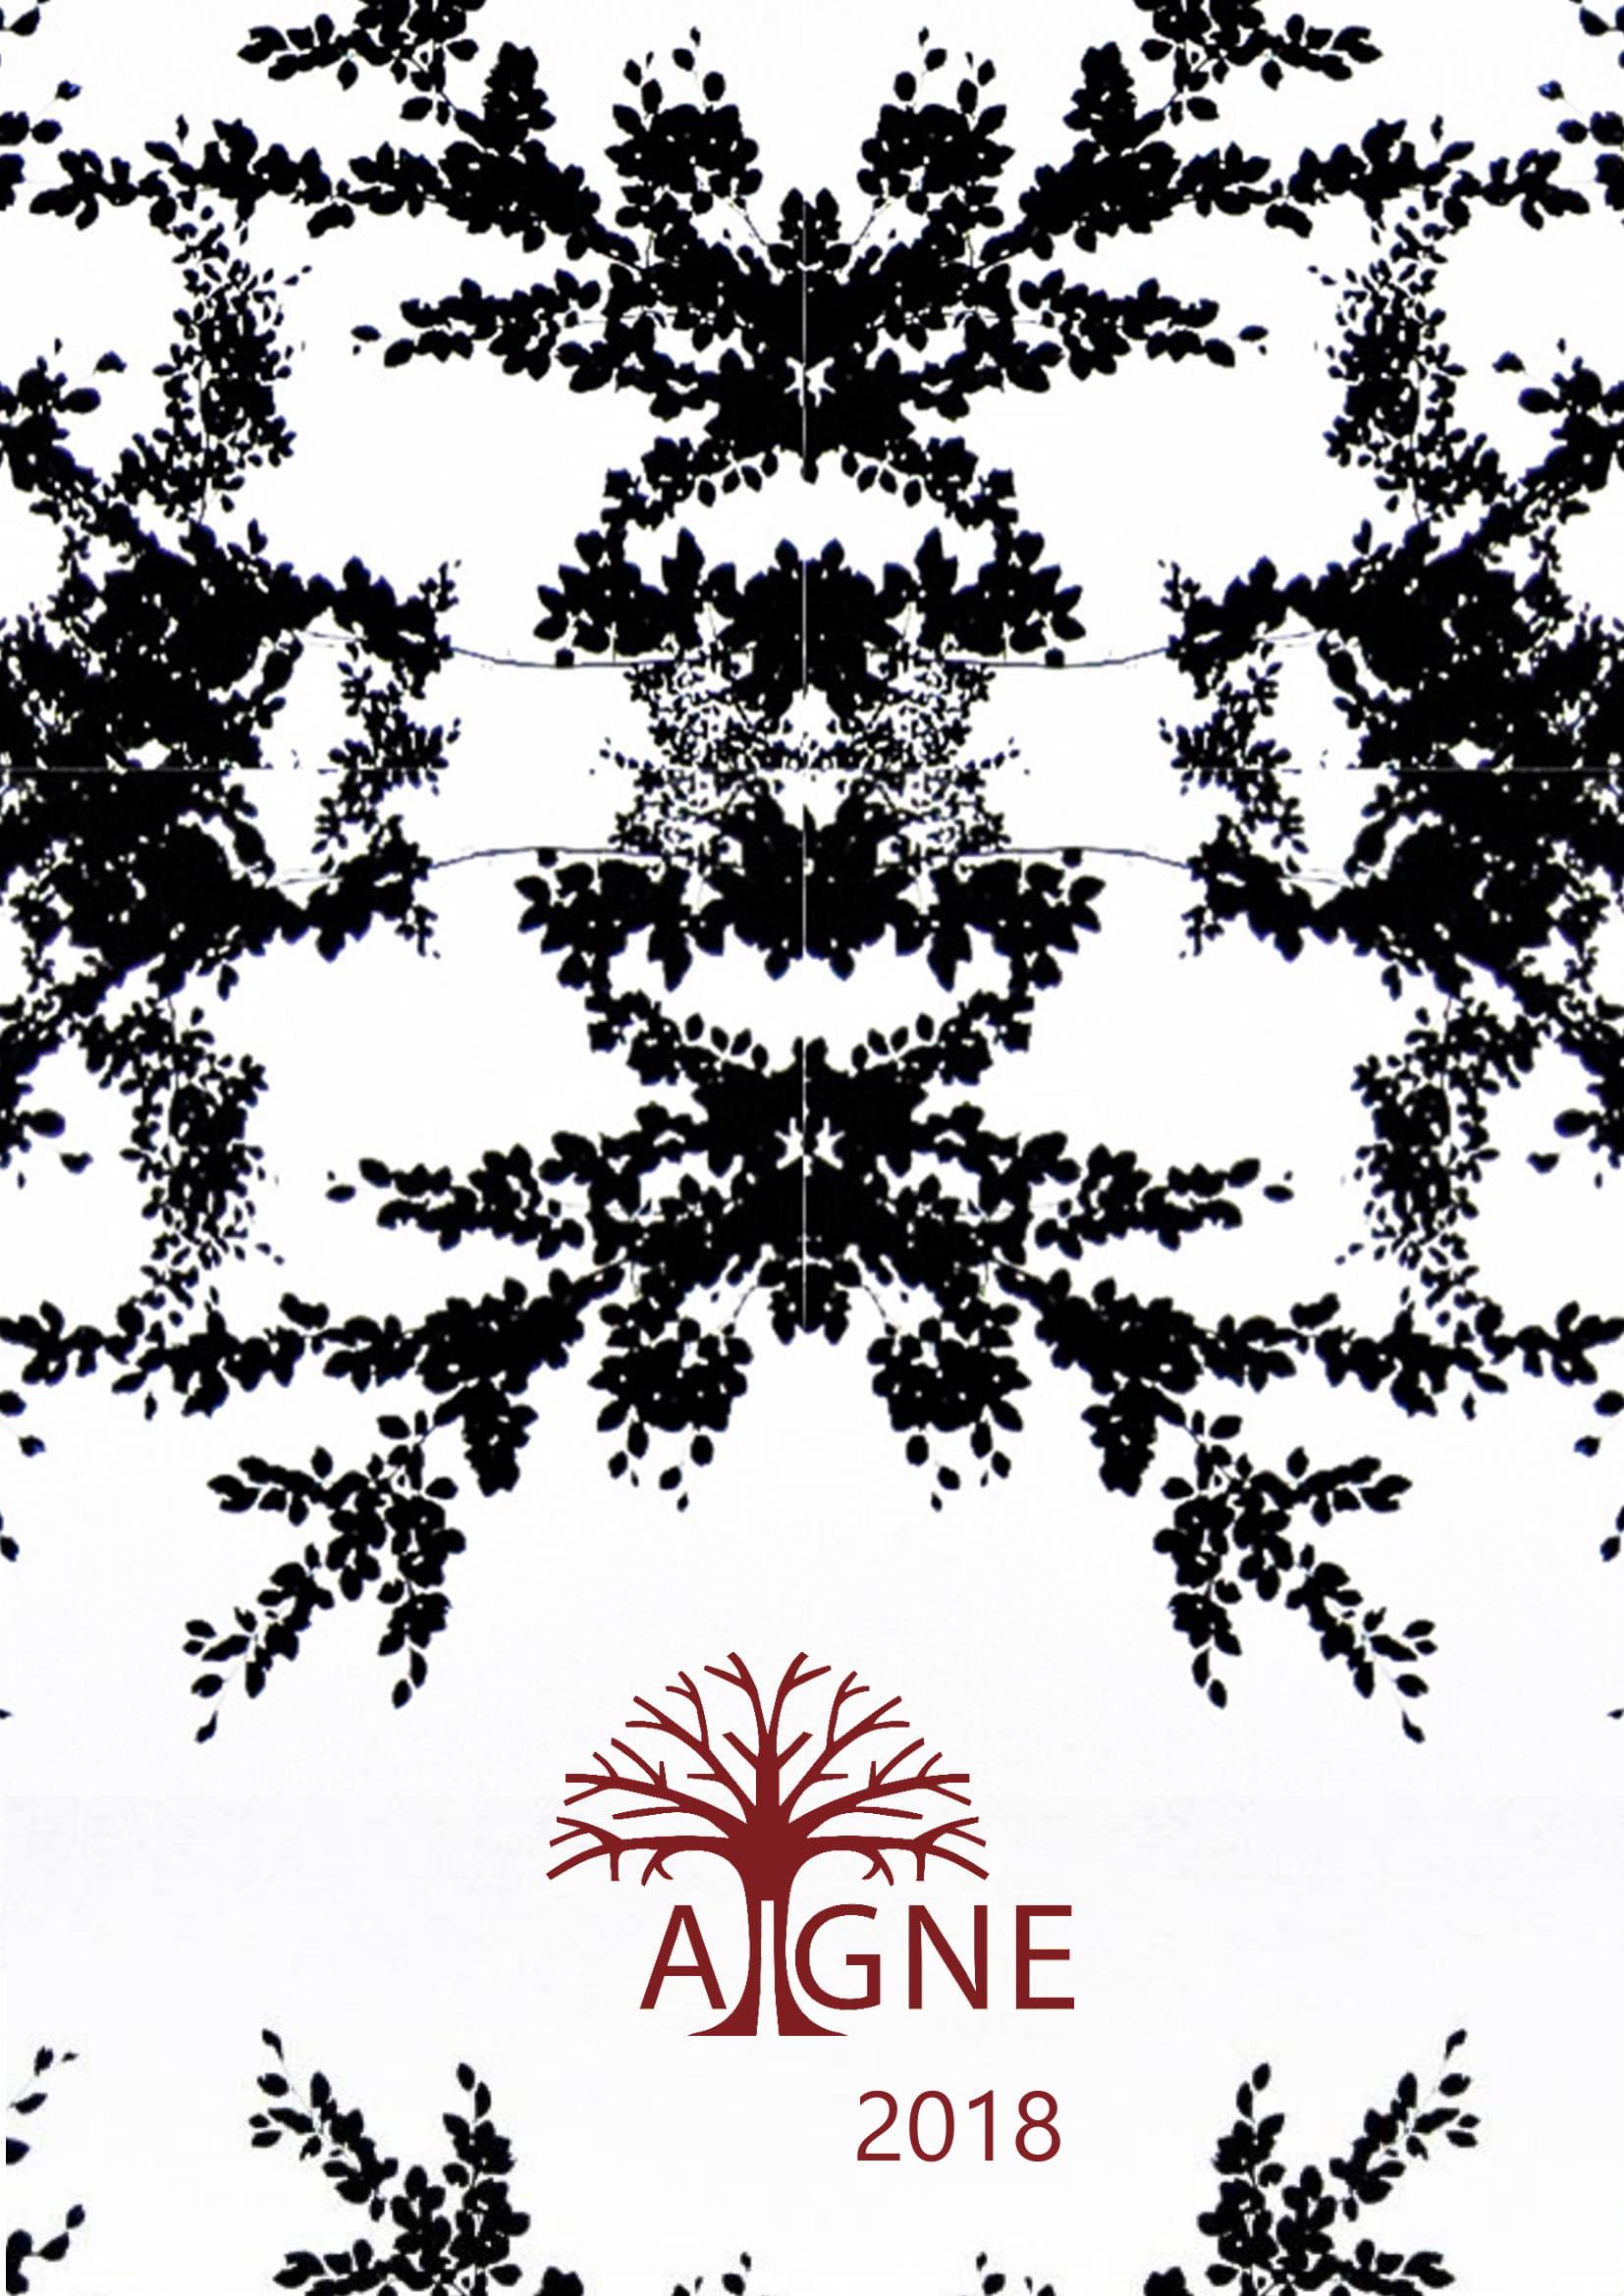 Aigne 2018 cover image